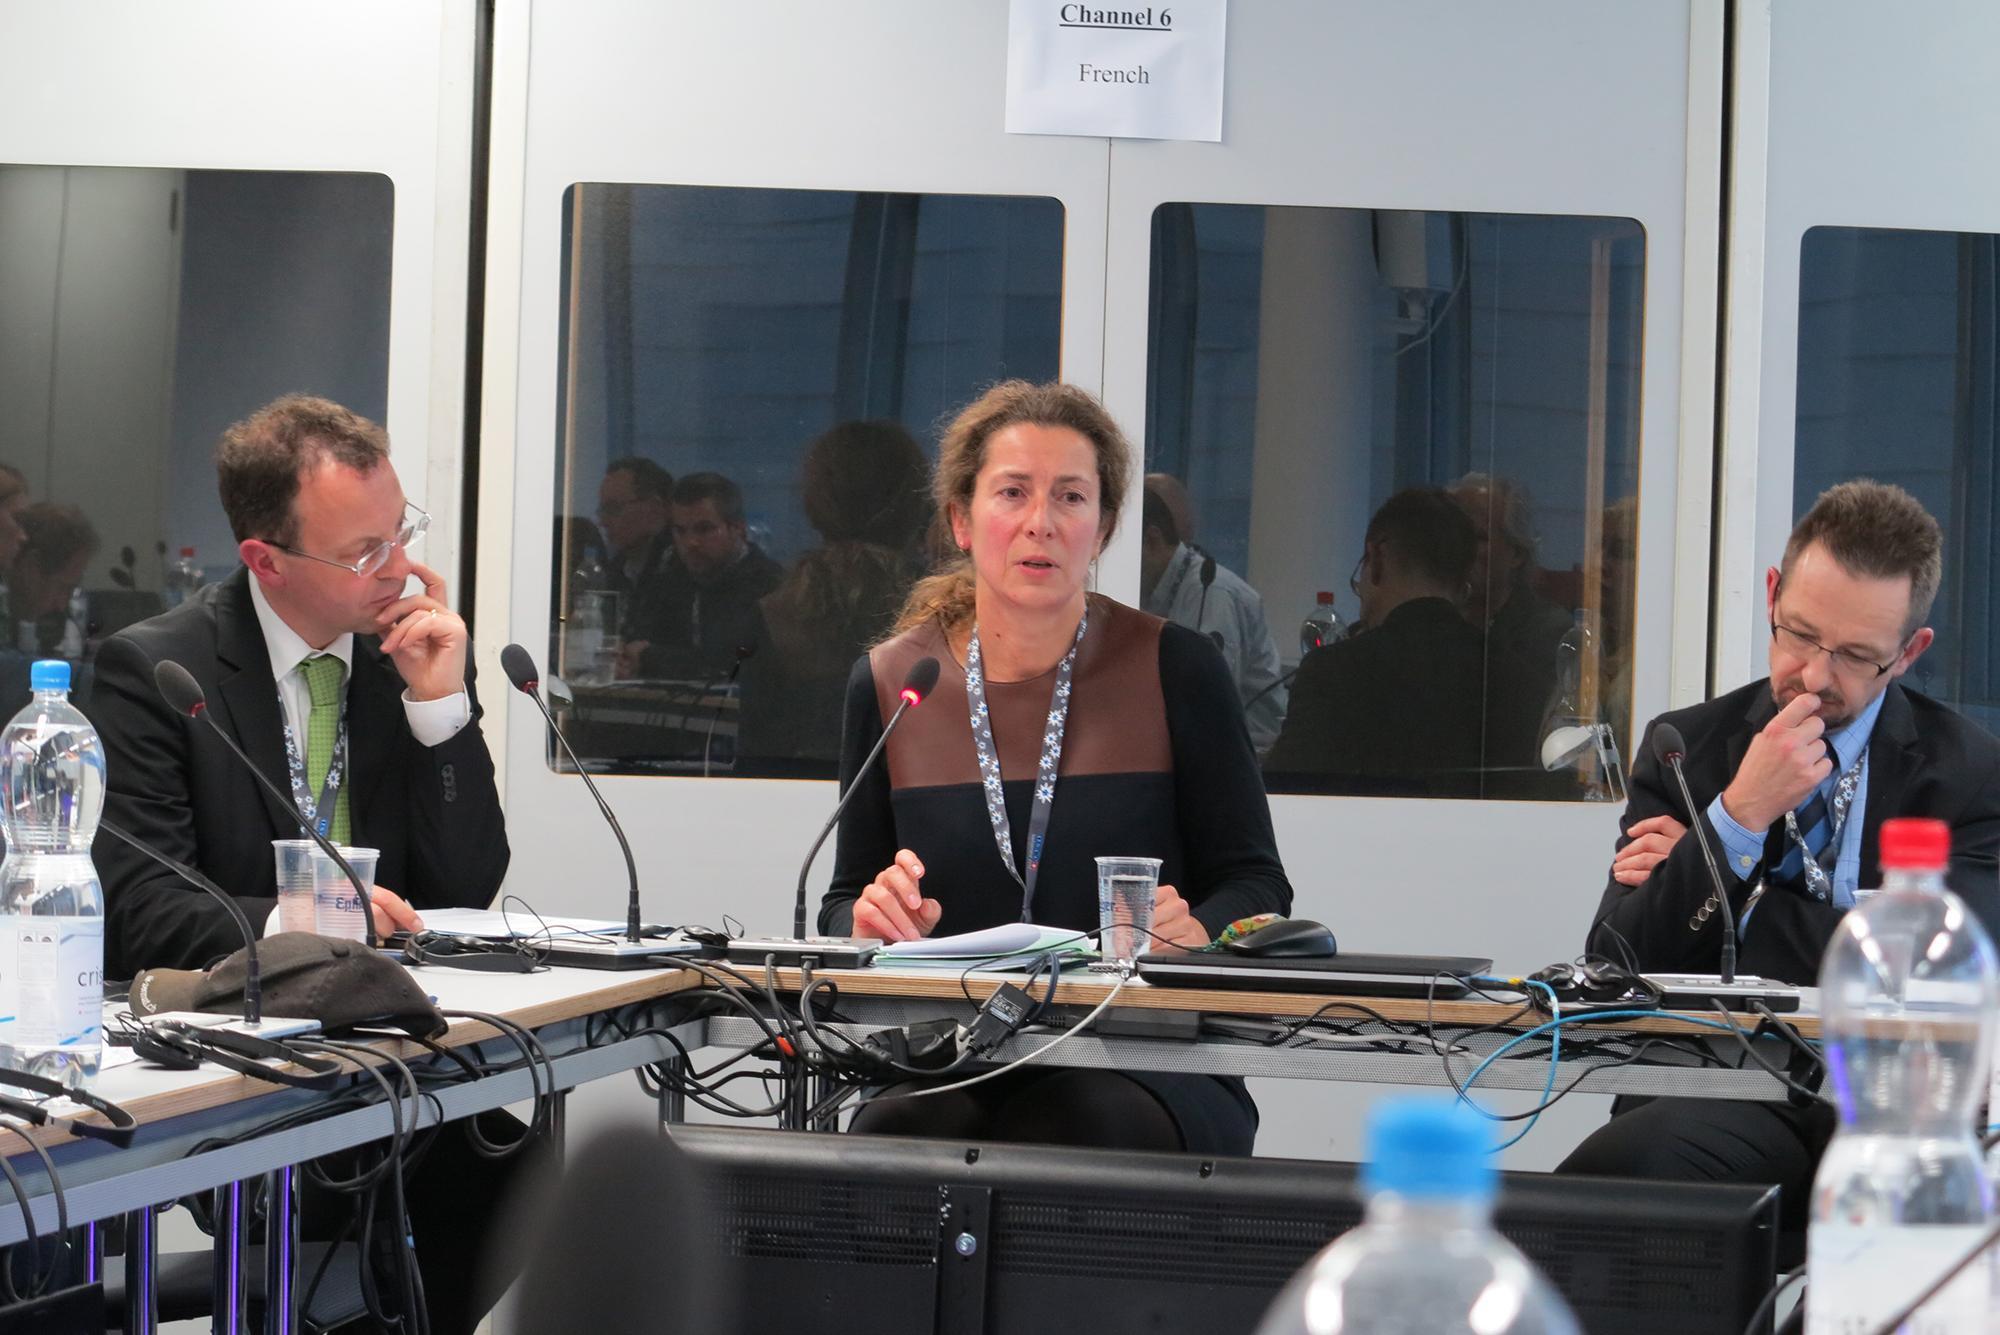 Heidi Grau, Leiterin der OSZE-Taskforce in Bern, und ihr Kollege Thomas Greminger (rechts), ständiger Vertreter der Schweiz bei der OSZE, blicken auf ein ereignisreiches Jahr zurück.